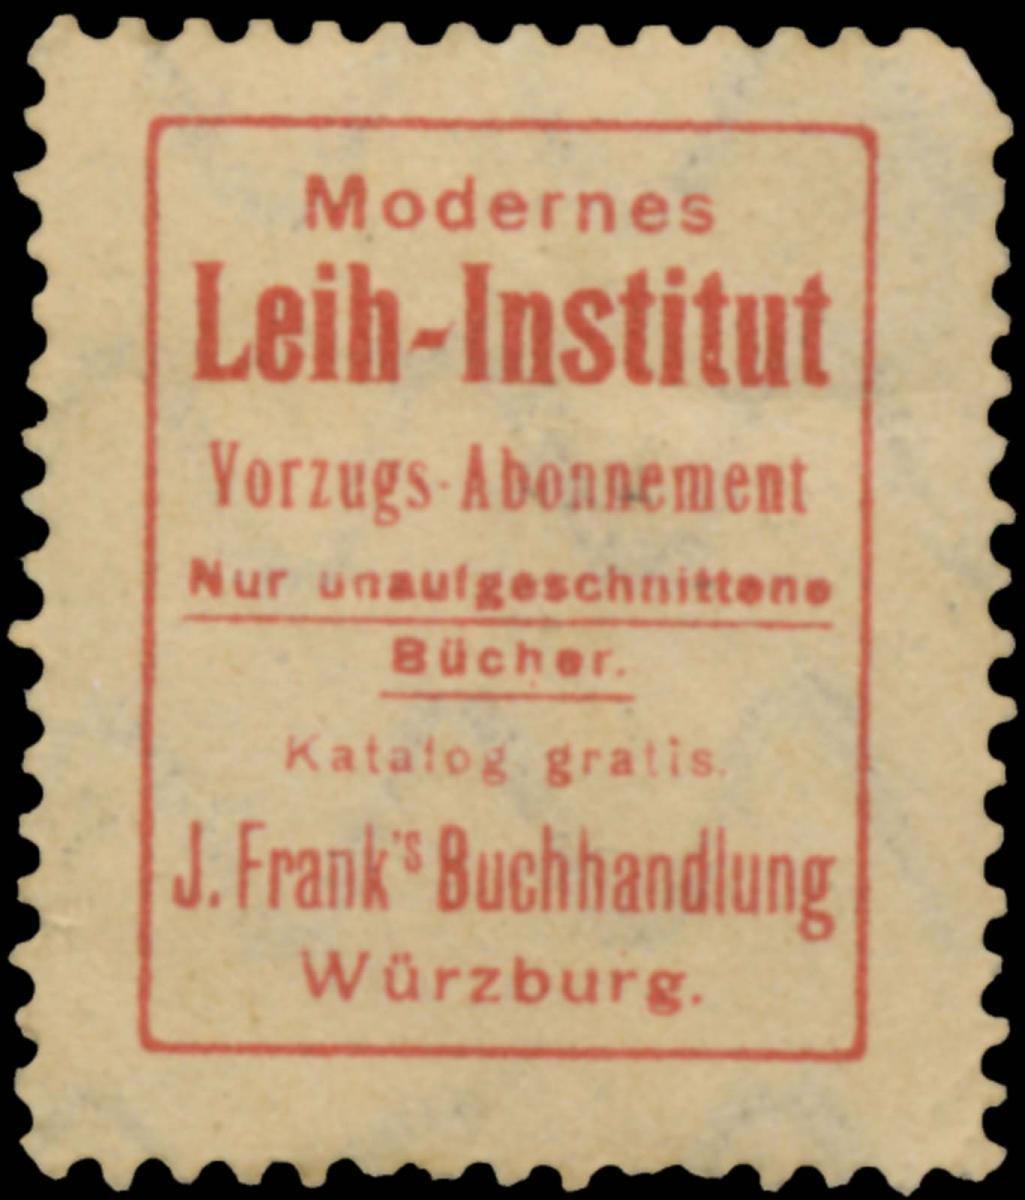 Modernes Leih-Institut